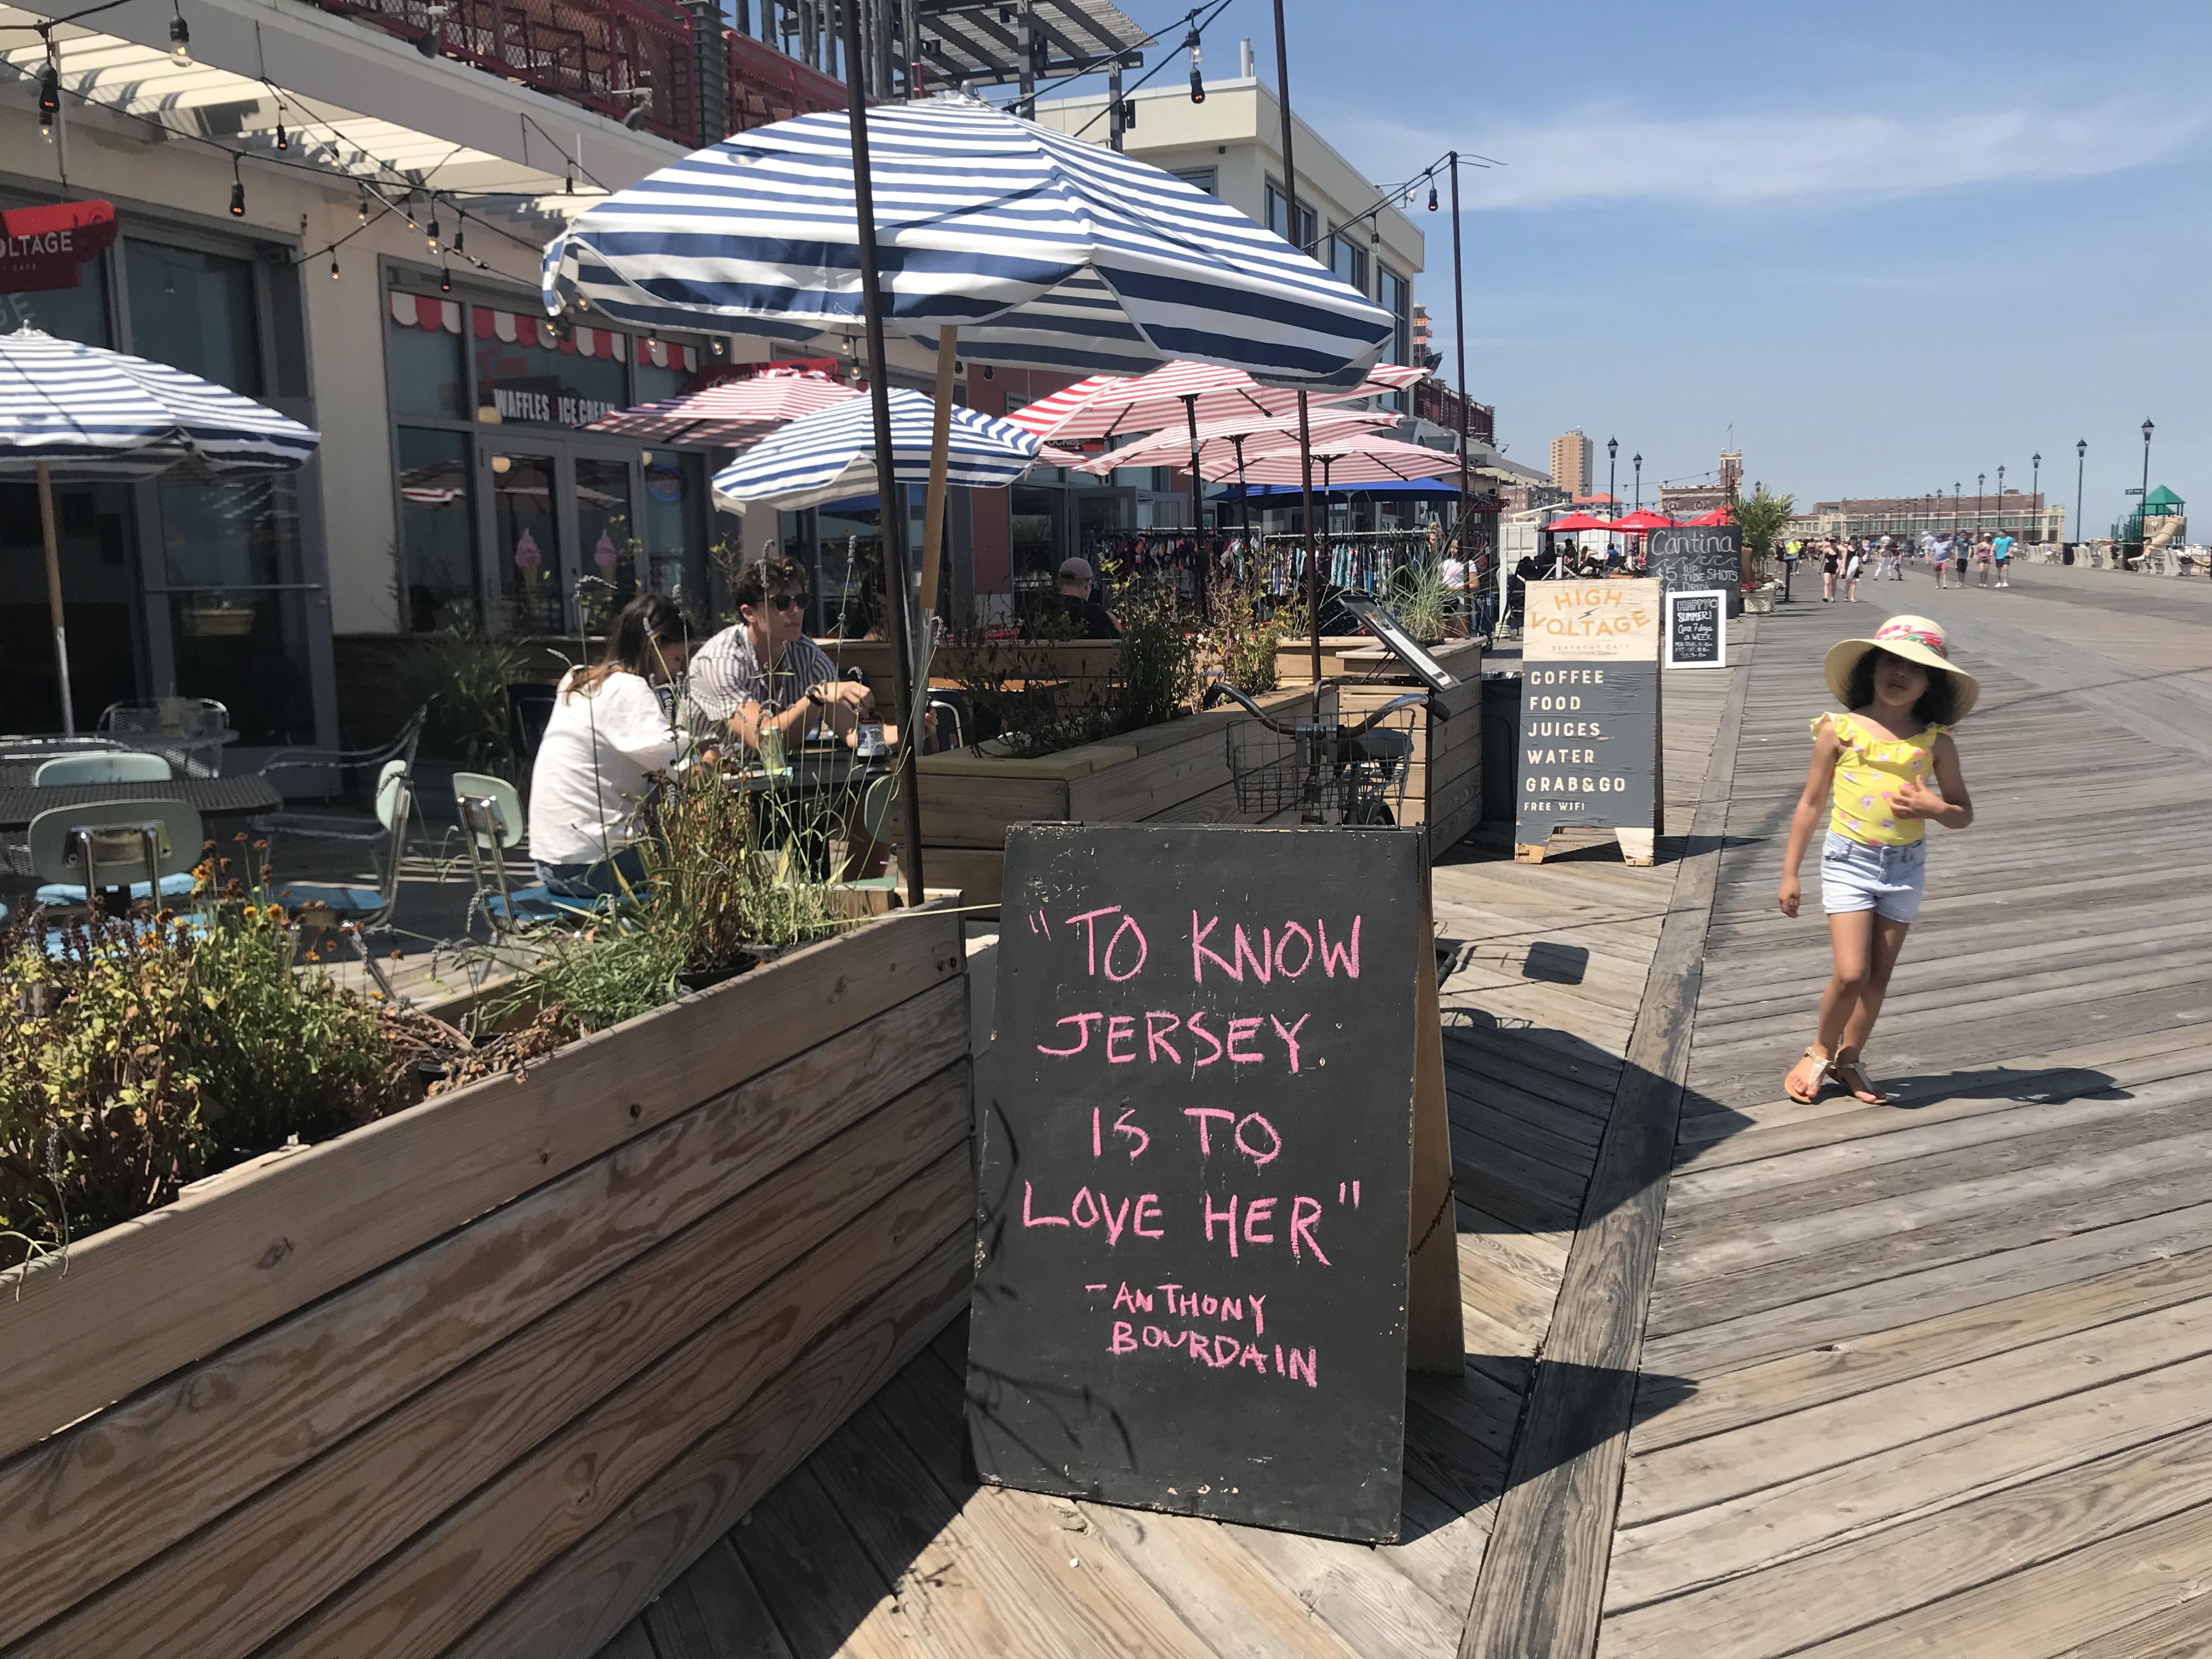 boardwalks in NJ